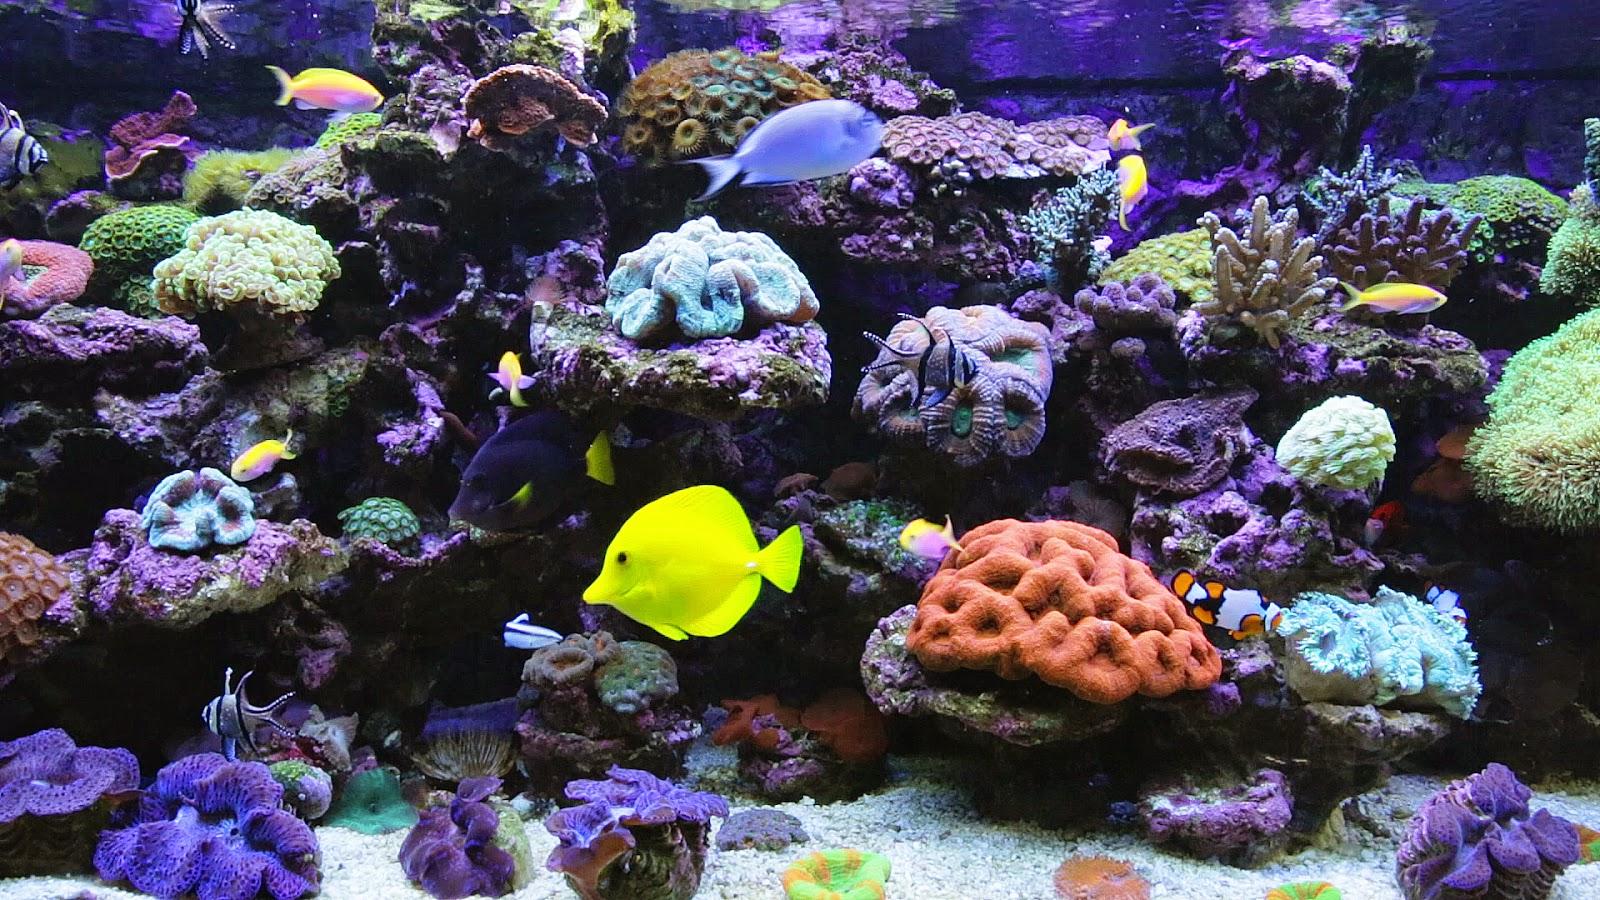 Real Aquarium Desktop Wallpaper 1920 x 1080